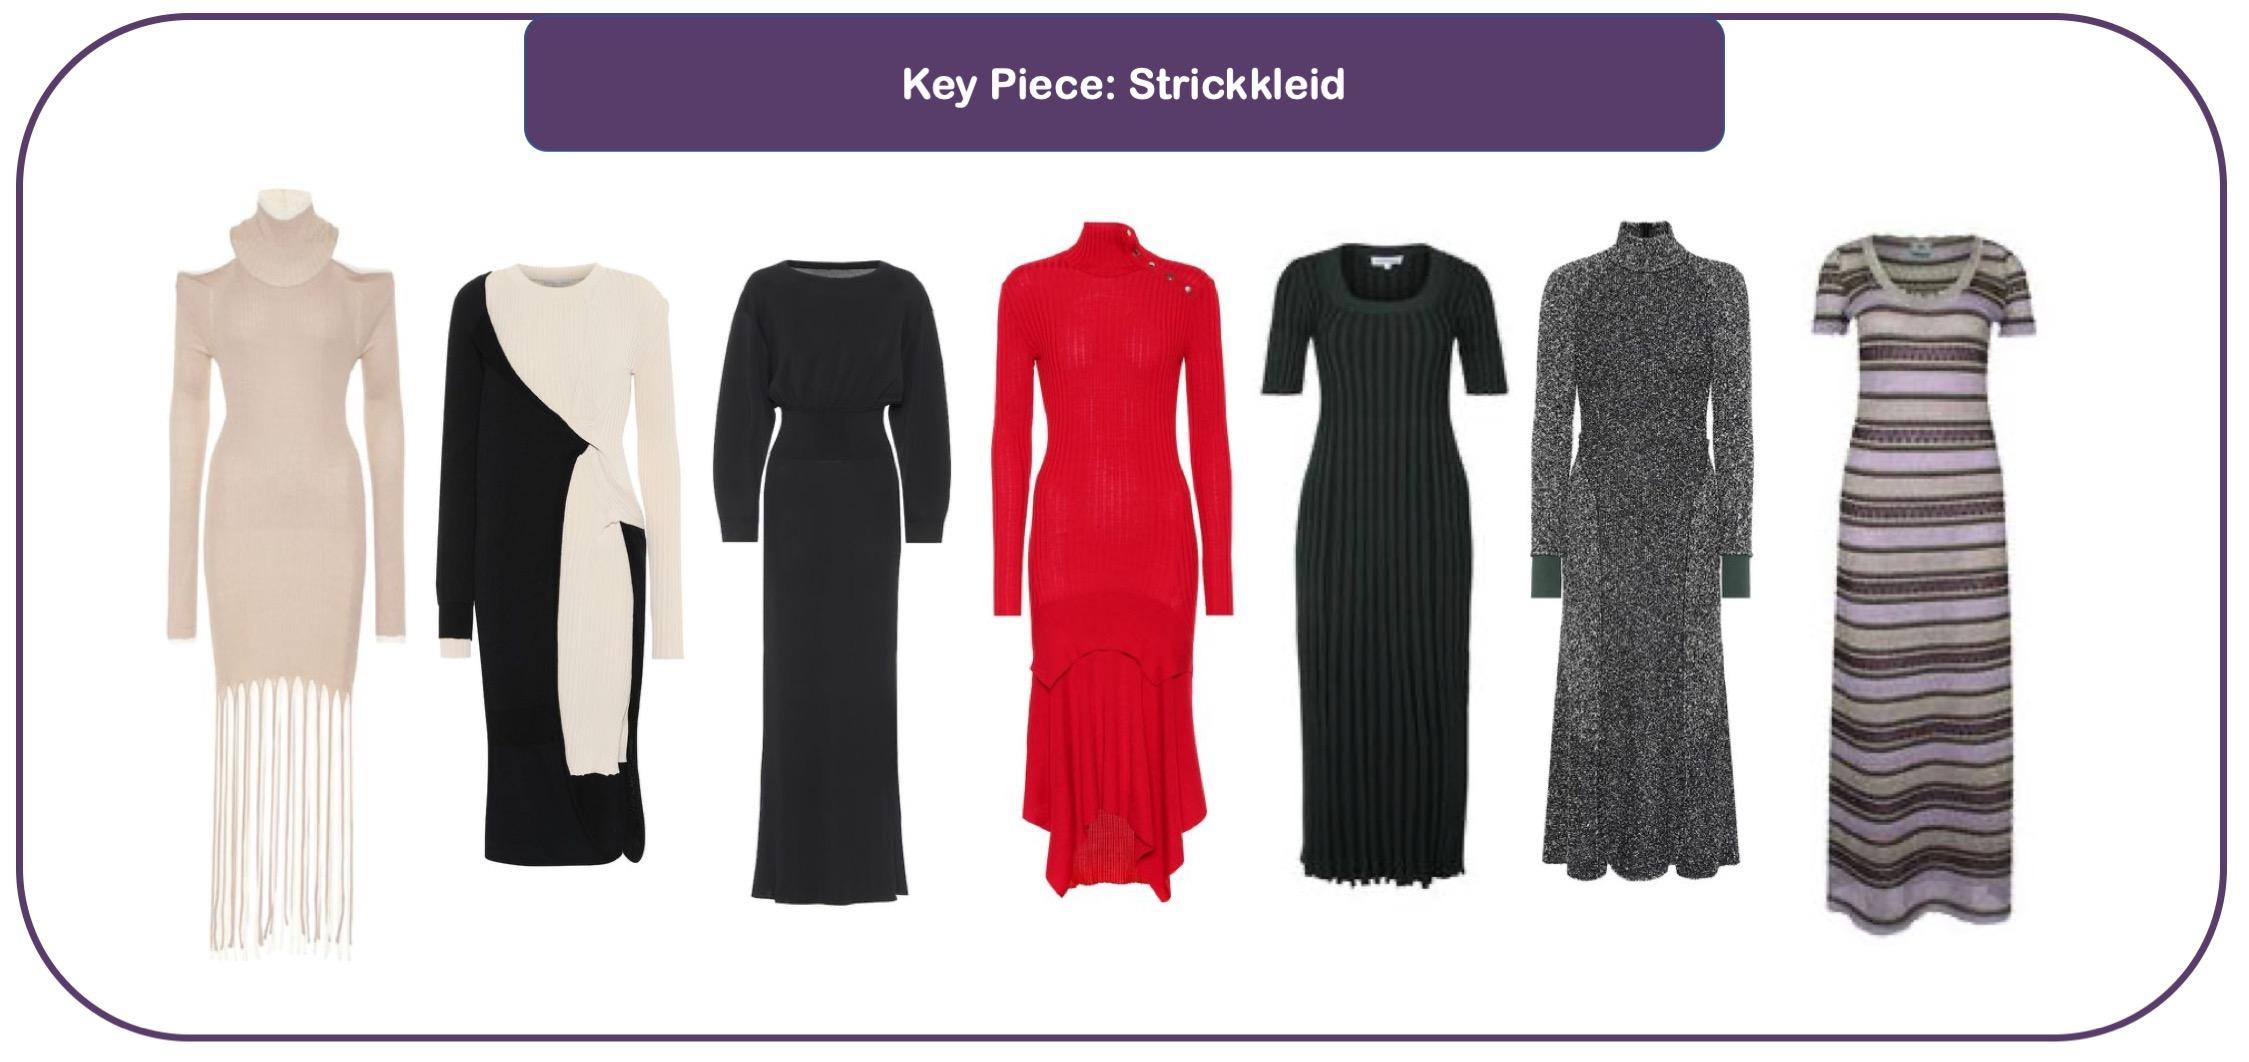 Key-Pieces Strickkleid für Hebst und Winter 20/21